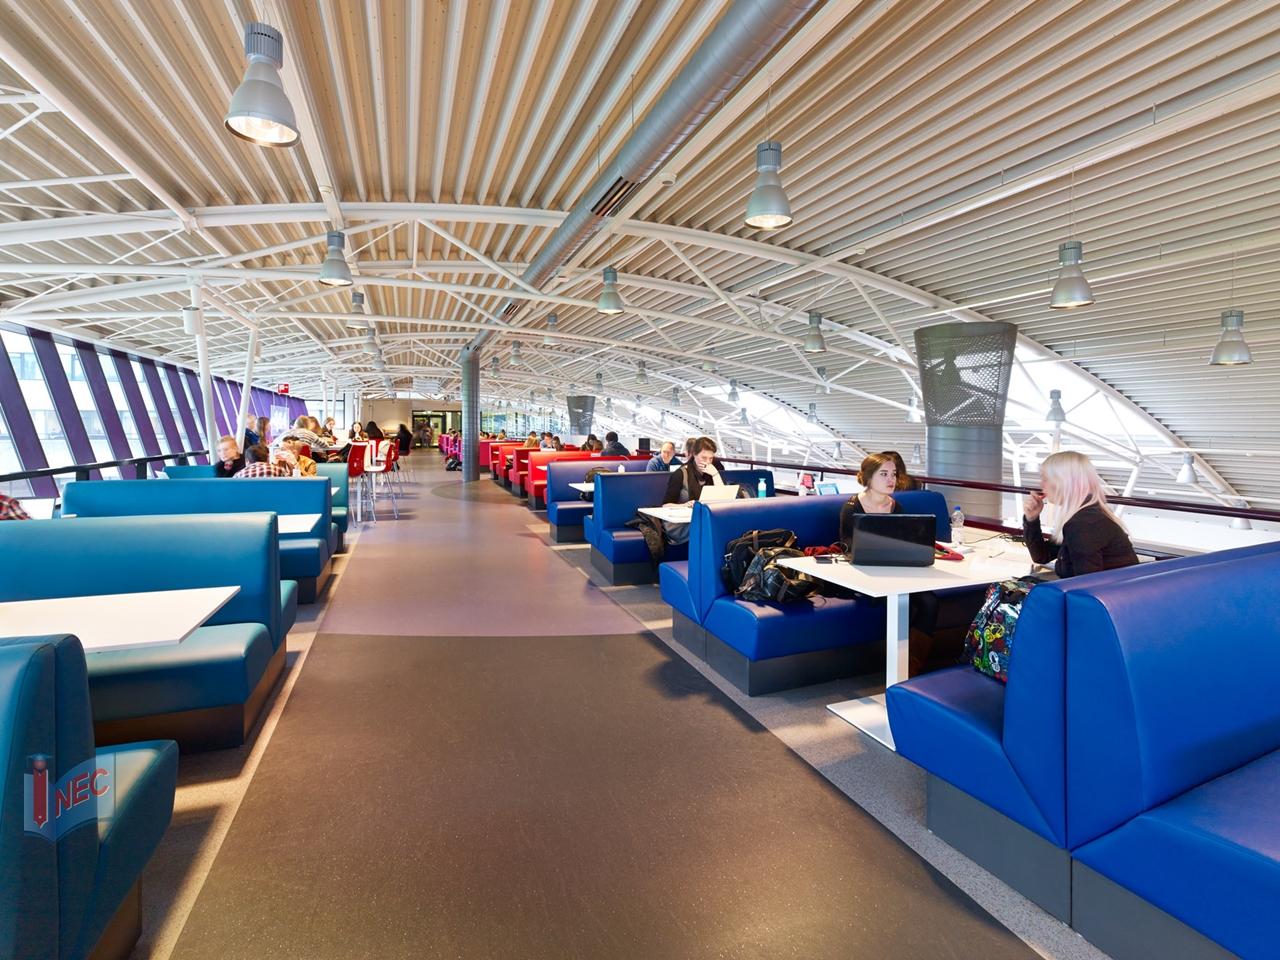 Kiến trúc bên trong Đại học Radboud